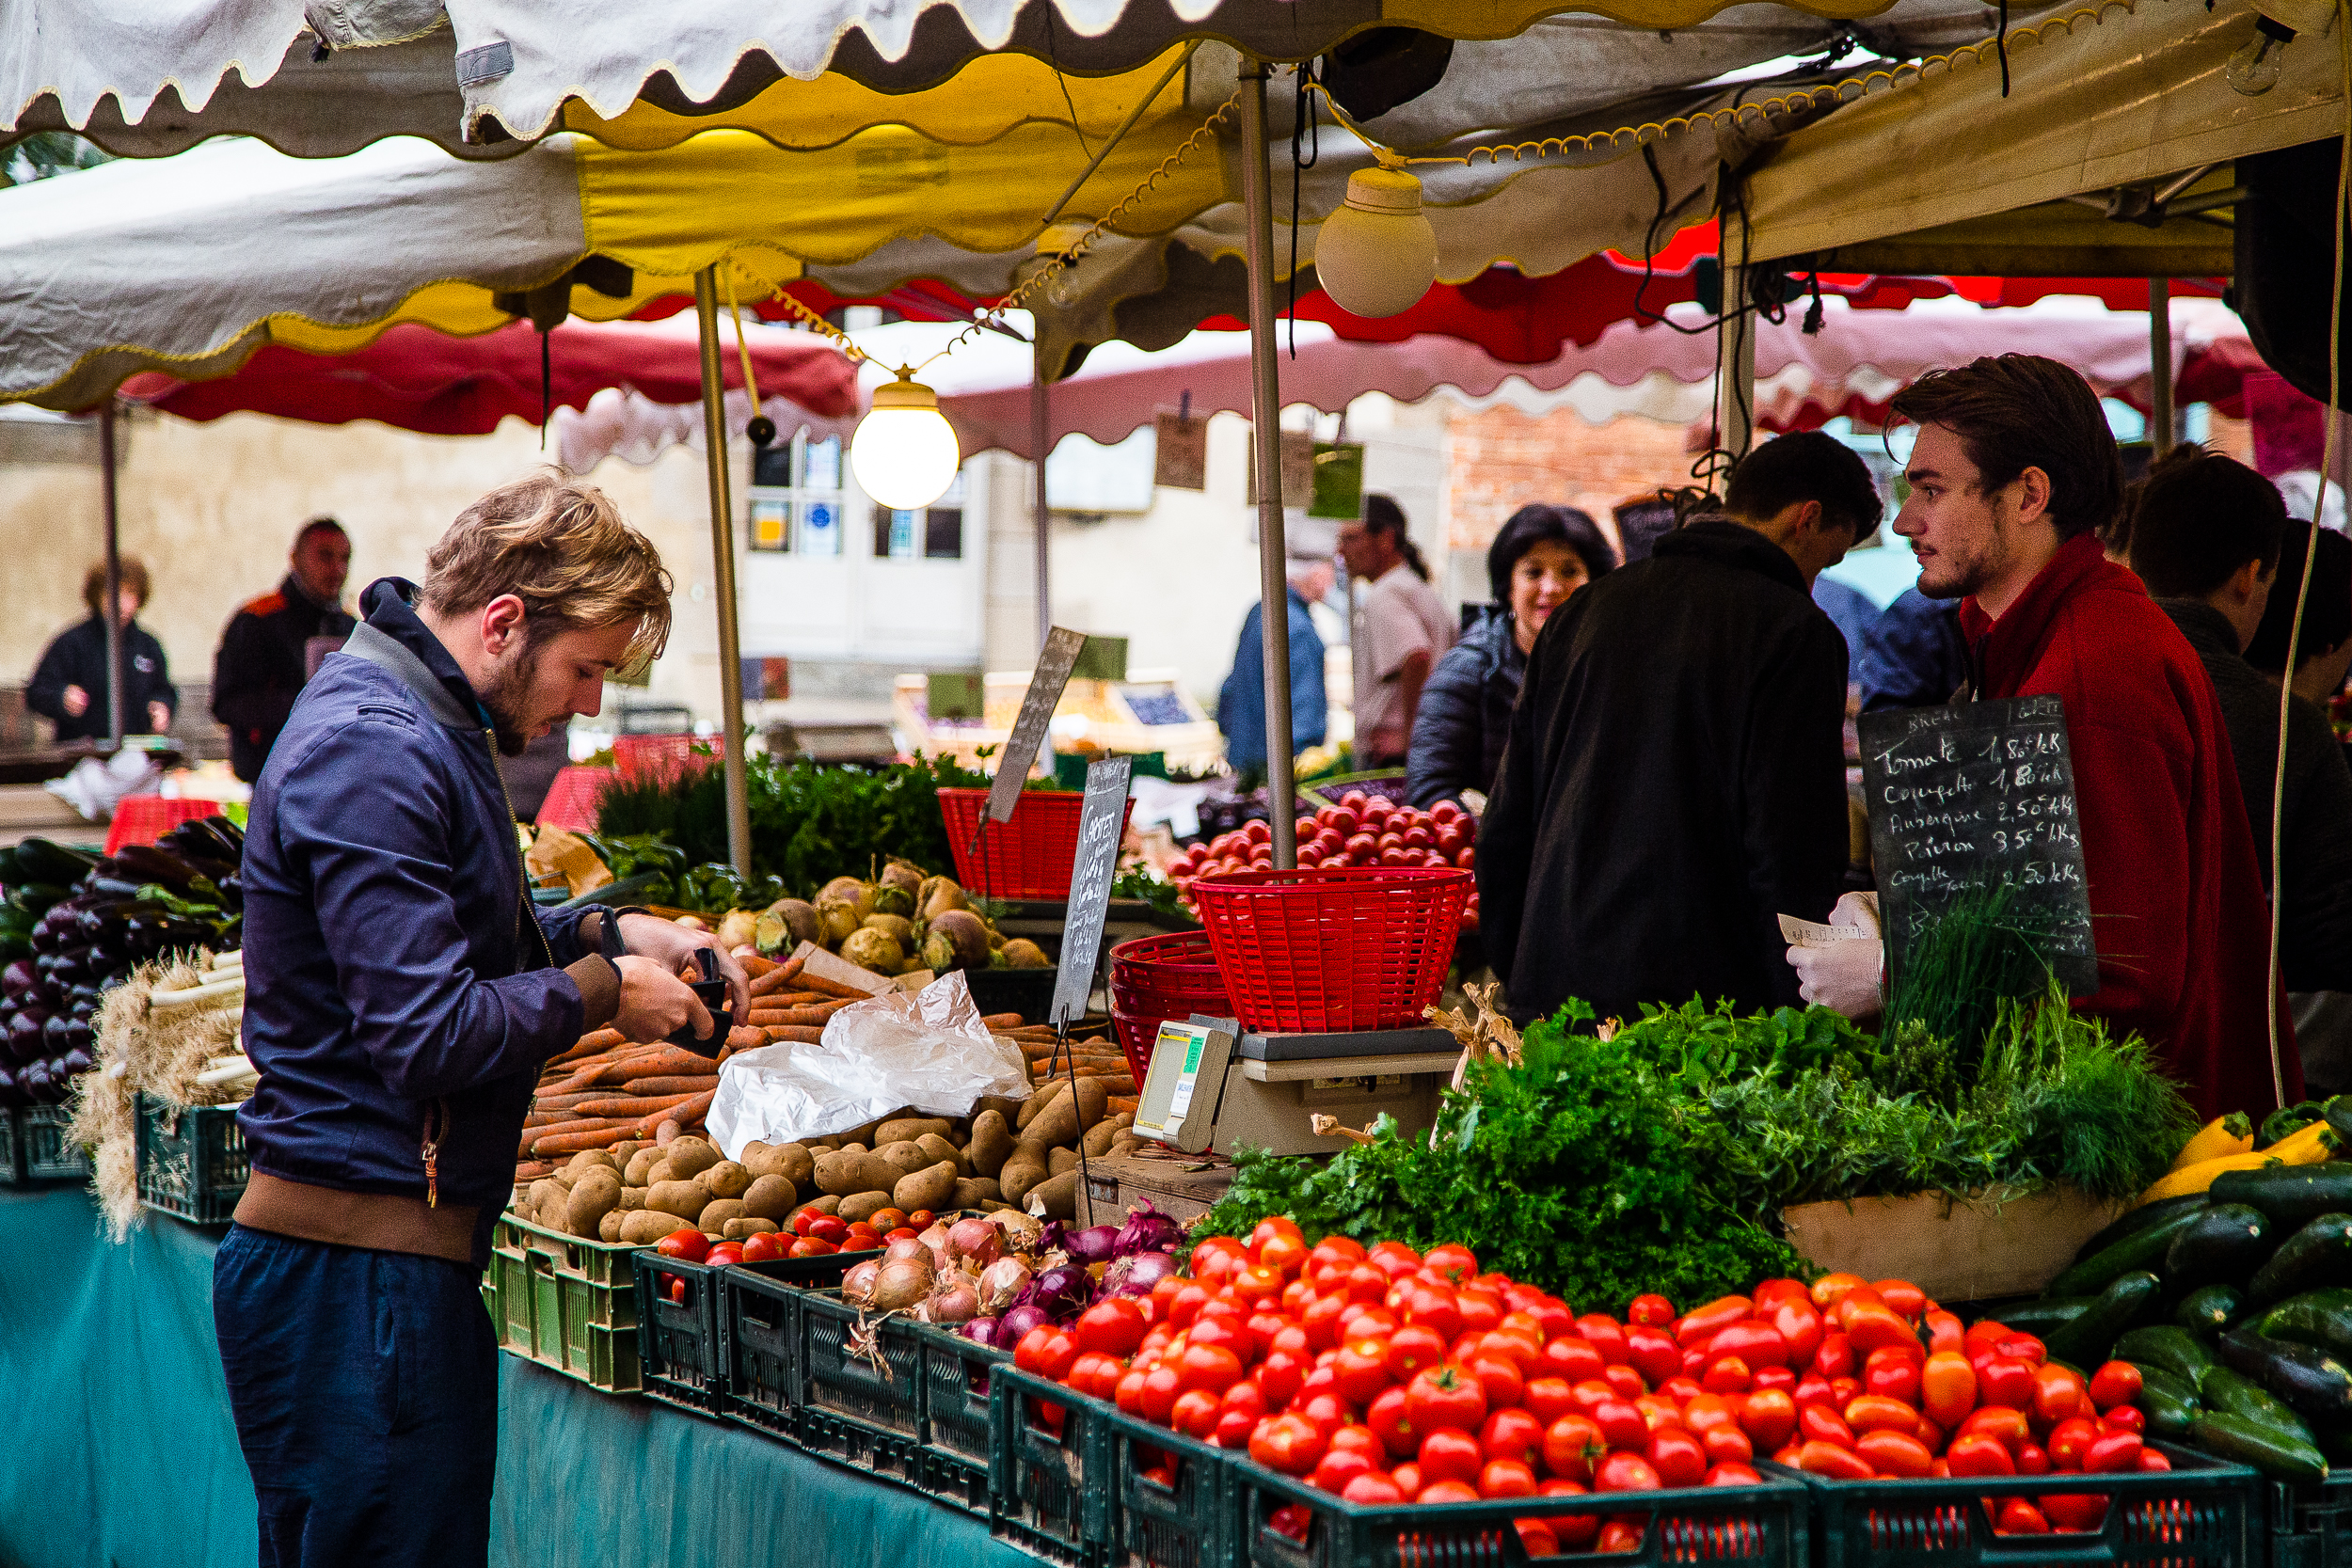 Marche des Lices Rennes France Farmers Market